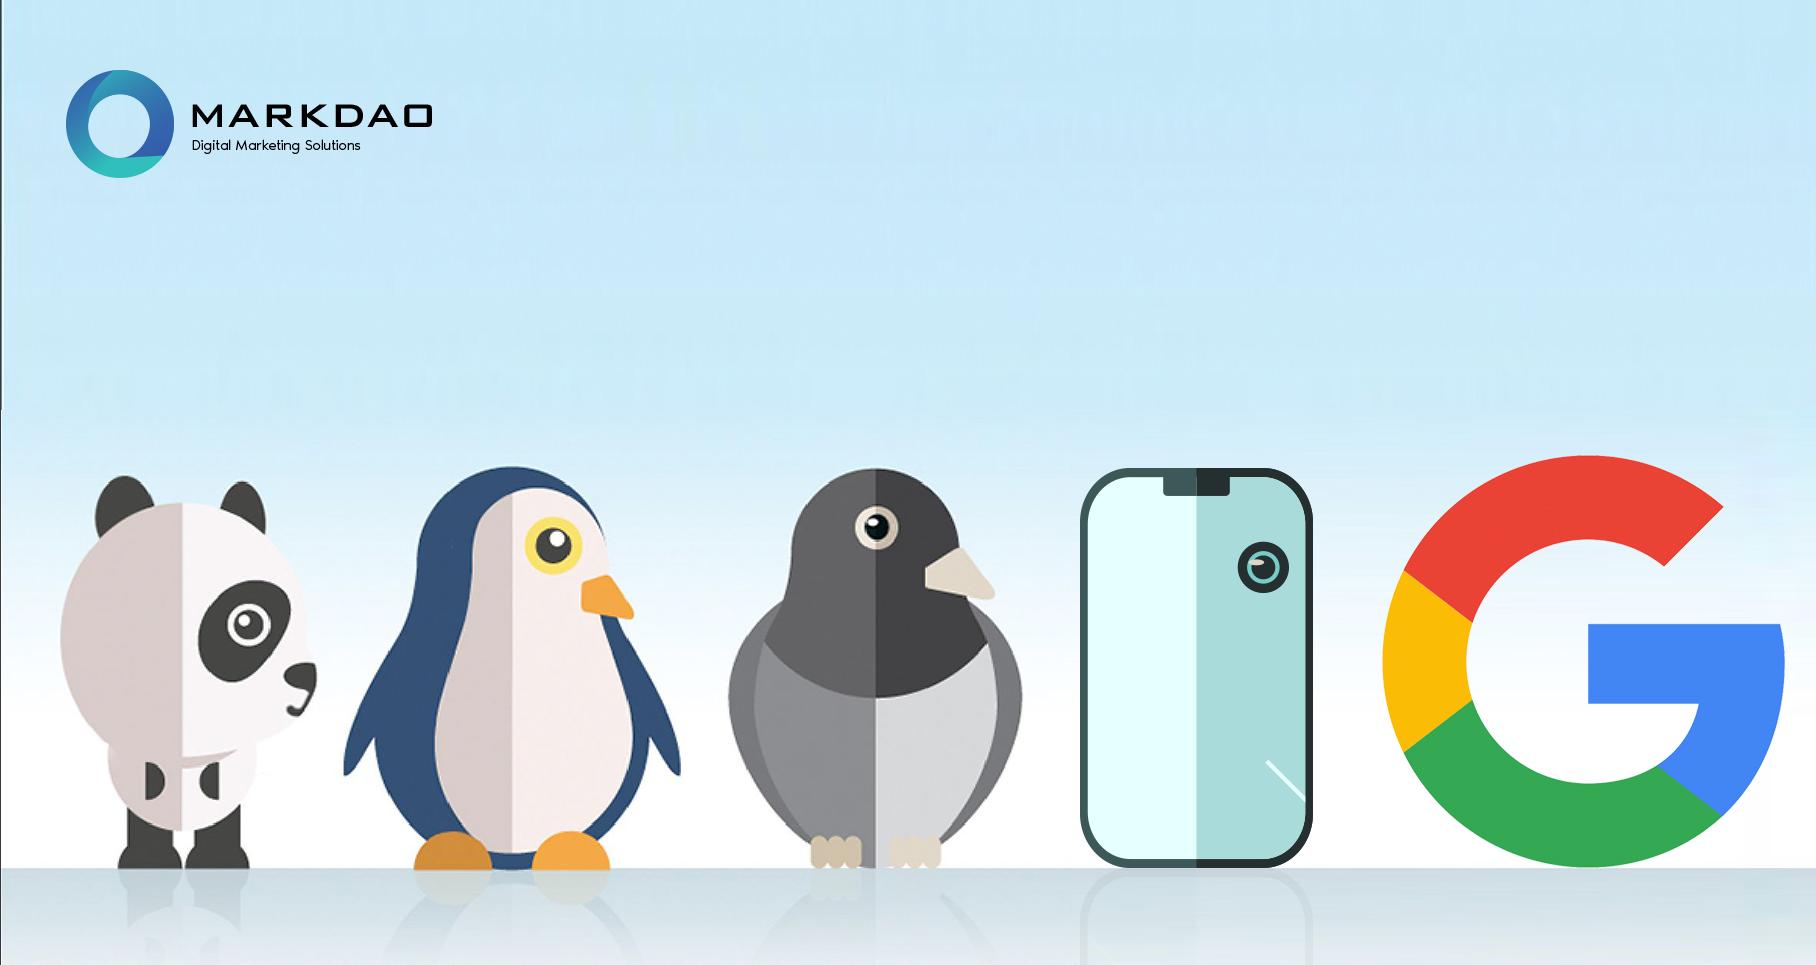 Les 4 algorithmes Google à savoir dans le marketing digital